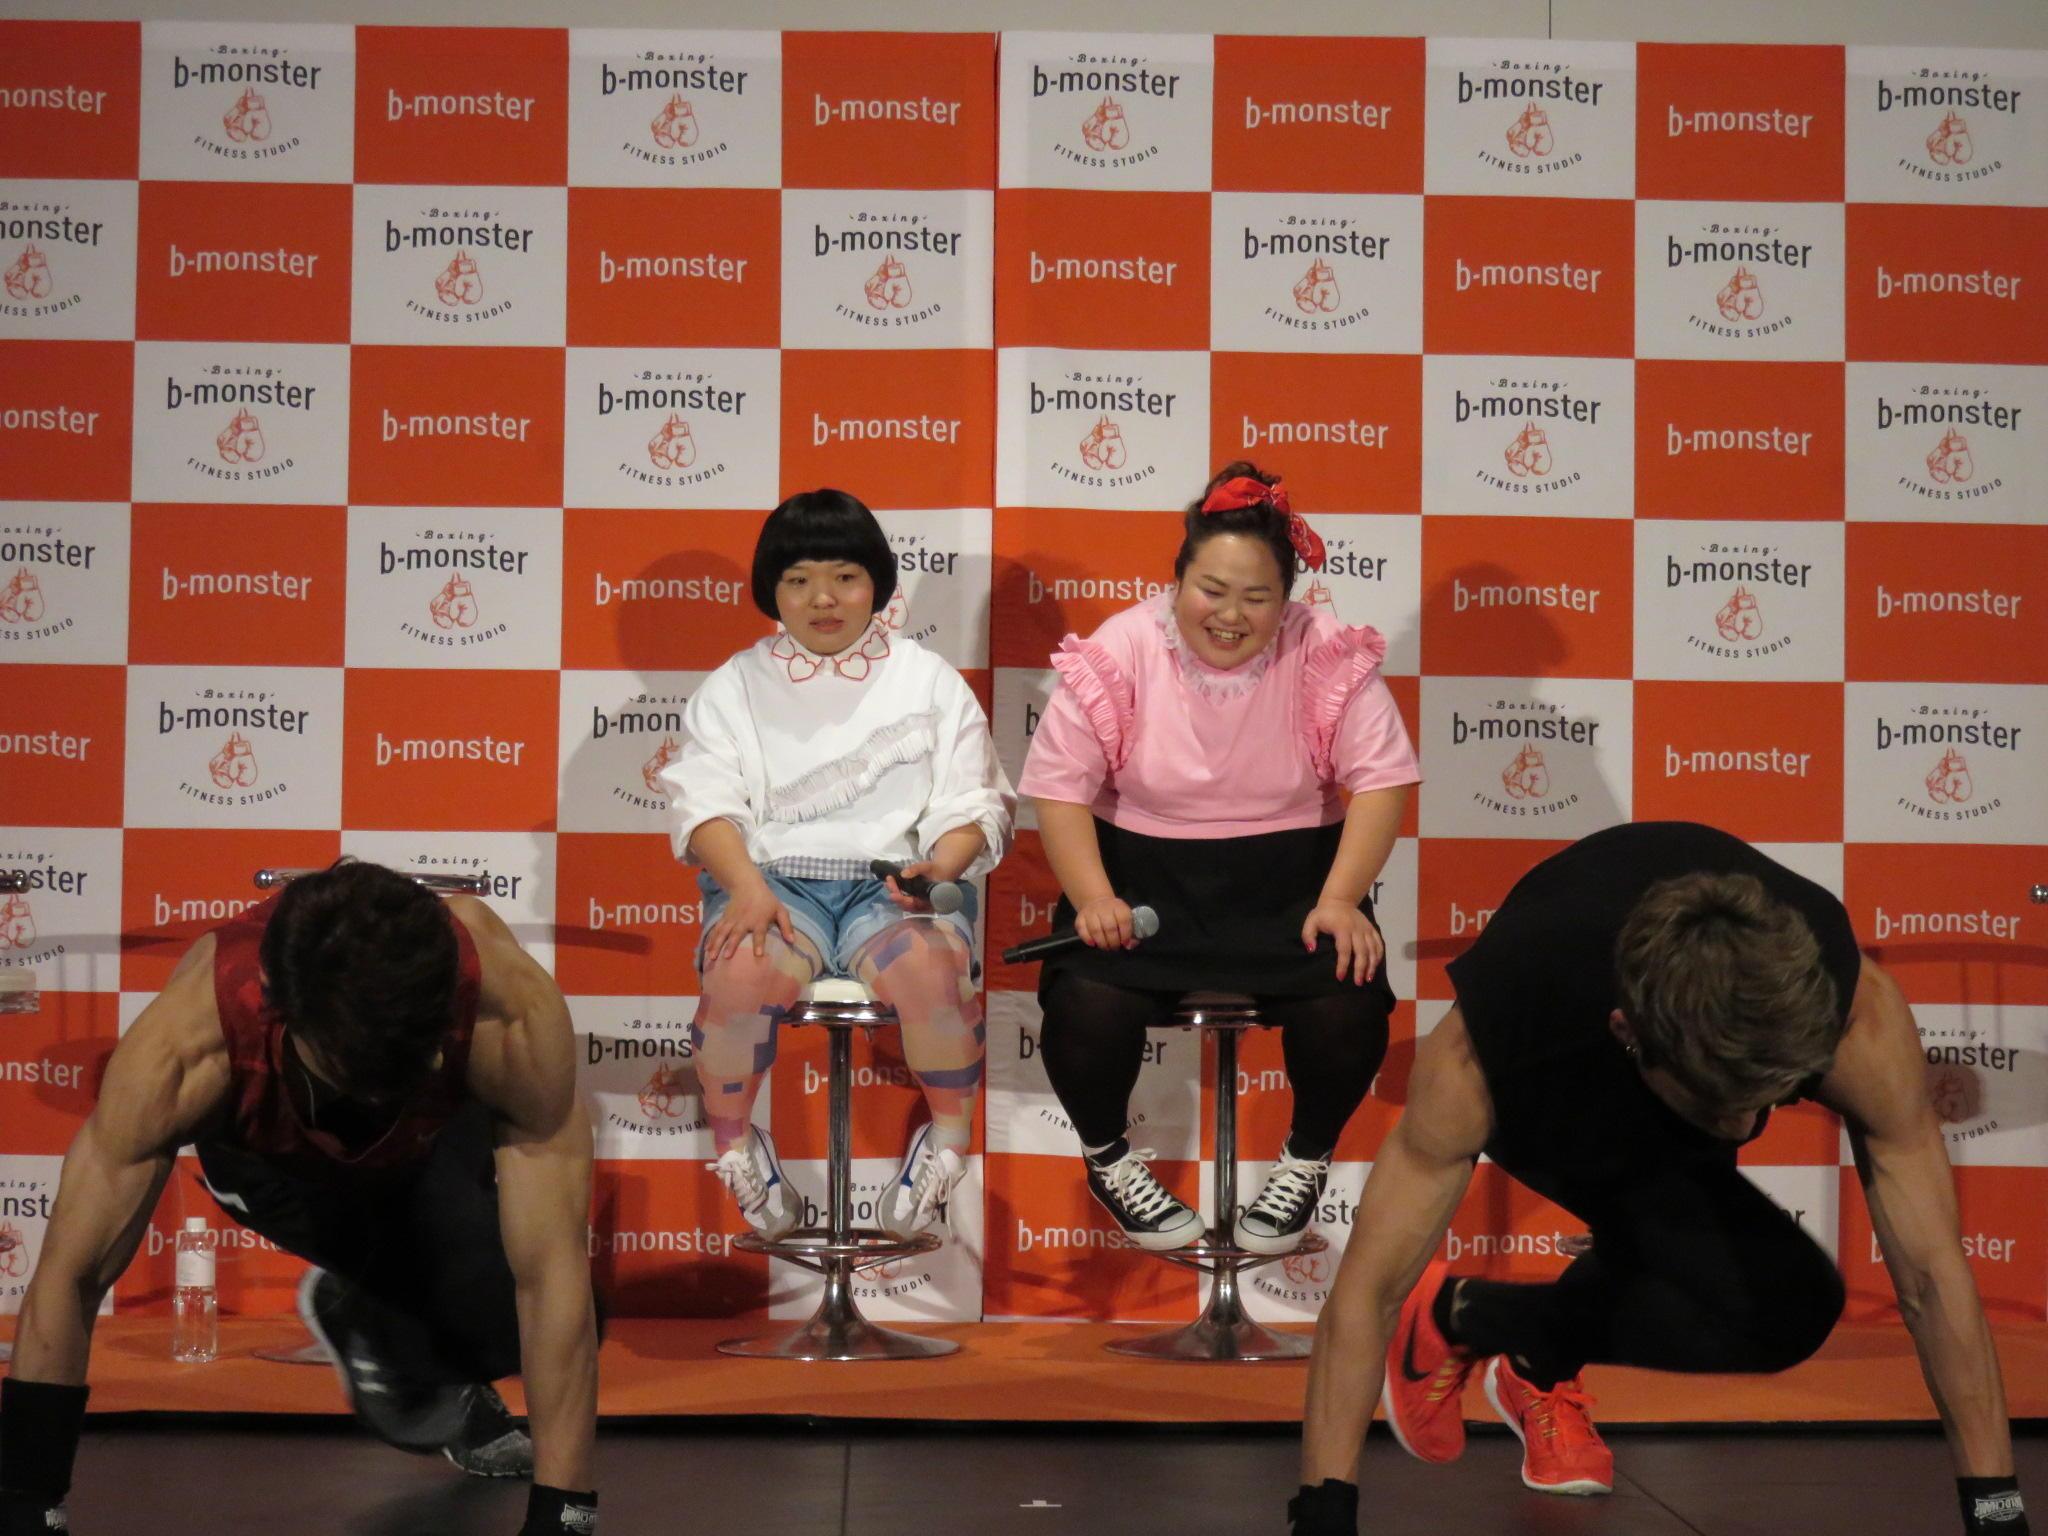 http://news.yoshimoto.co.jp/20170417193330-1fecb08cd7c7fd902c71b59336670859a51850ba.jpg